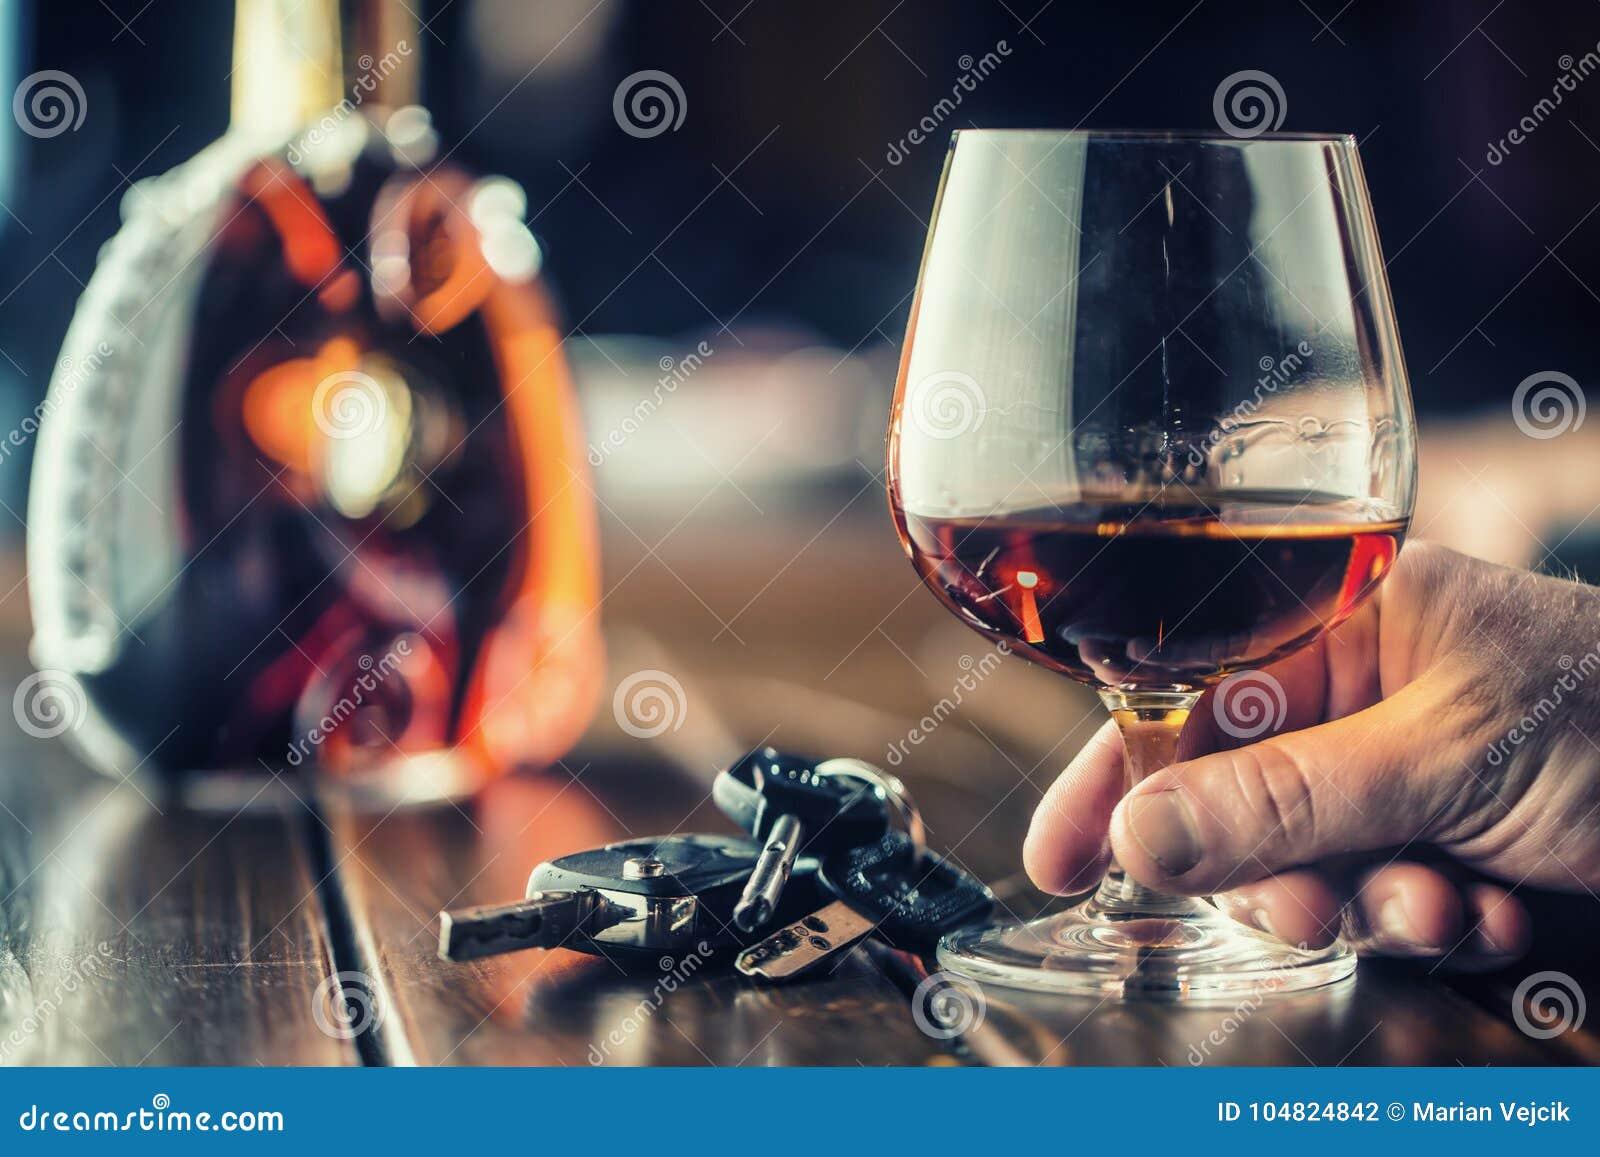 Alcoholism Coloque o homem da mão do conhaque ou da aguardente as chaves ao carro